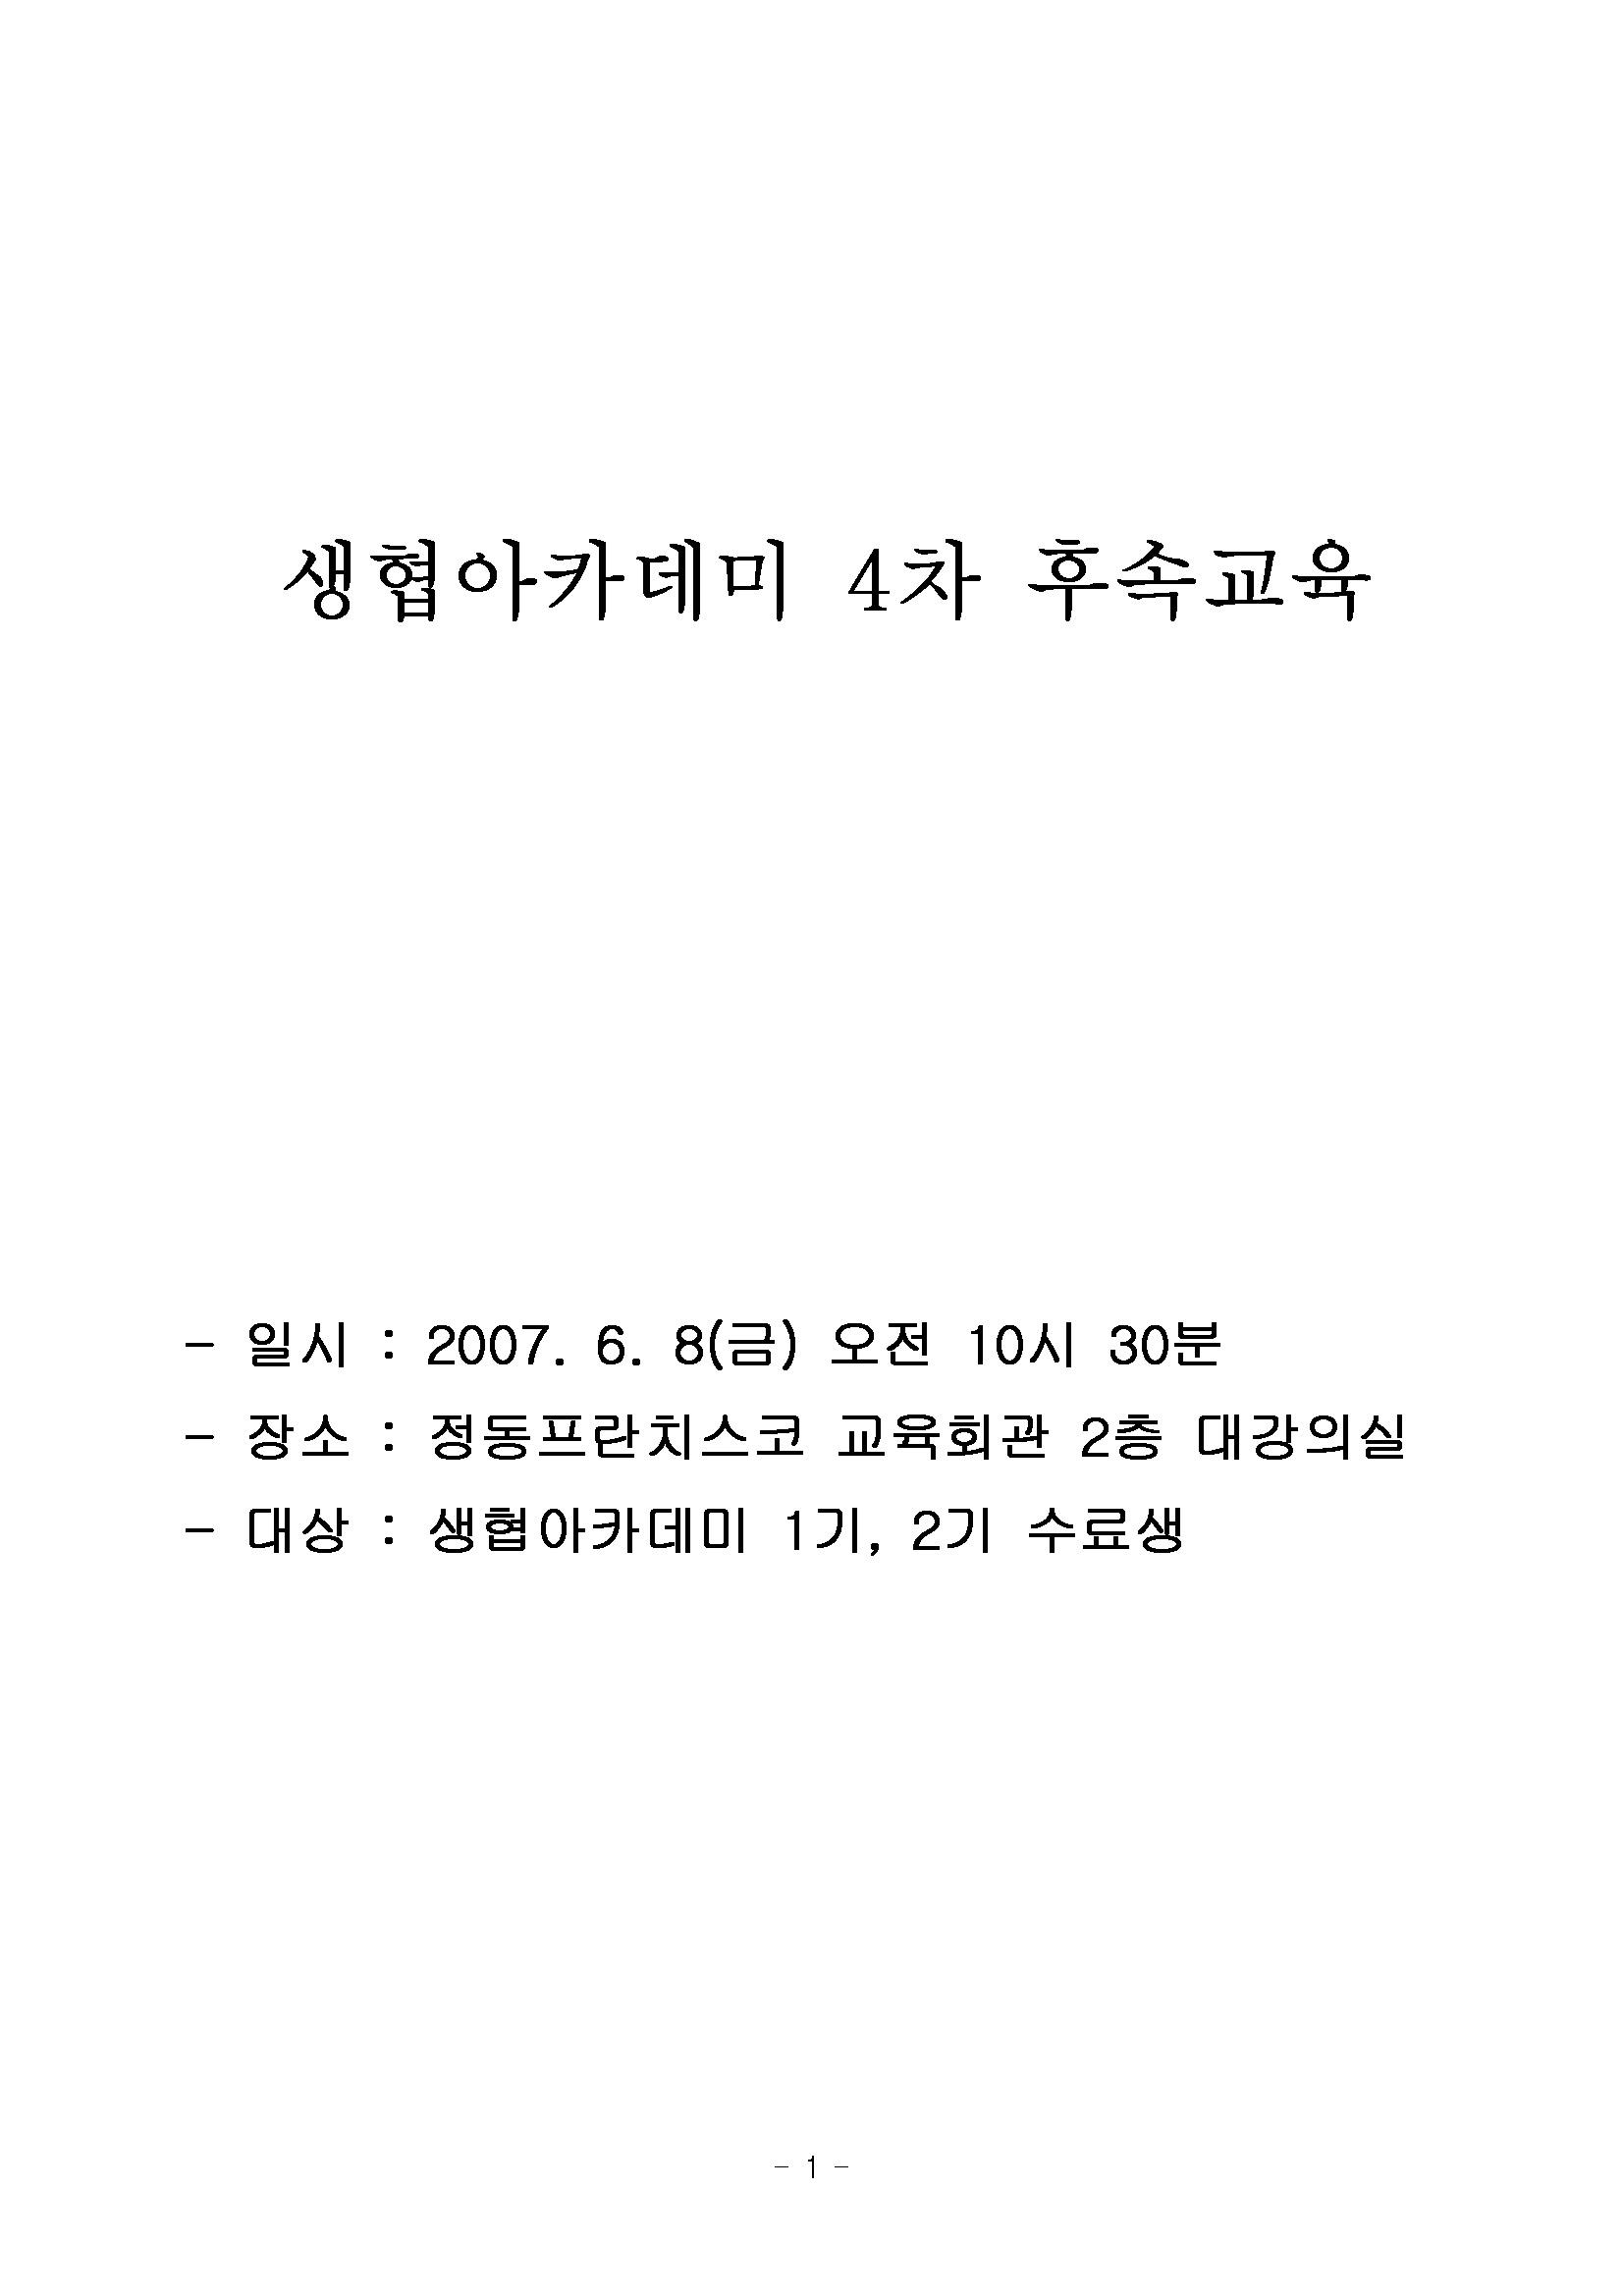 14_(제4회-후속교육-자료집)-『사회발전에-있어서-협동조합의-역할』_Page_01.jpg